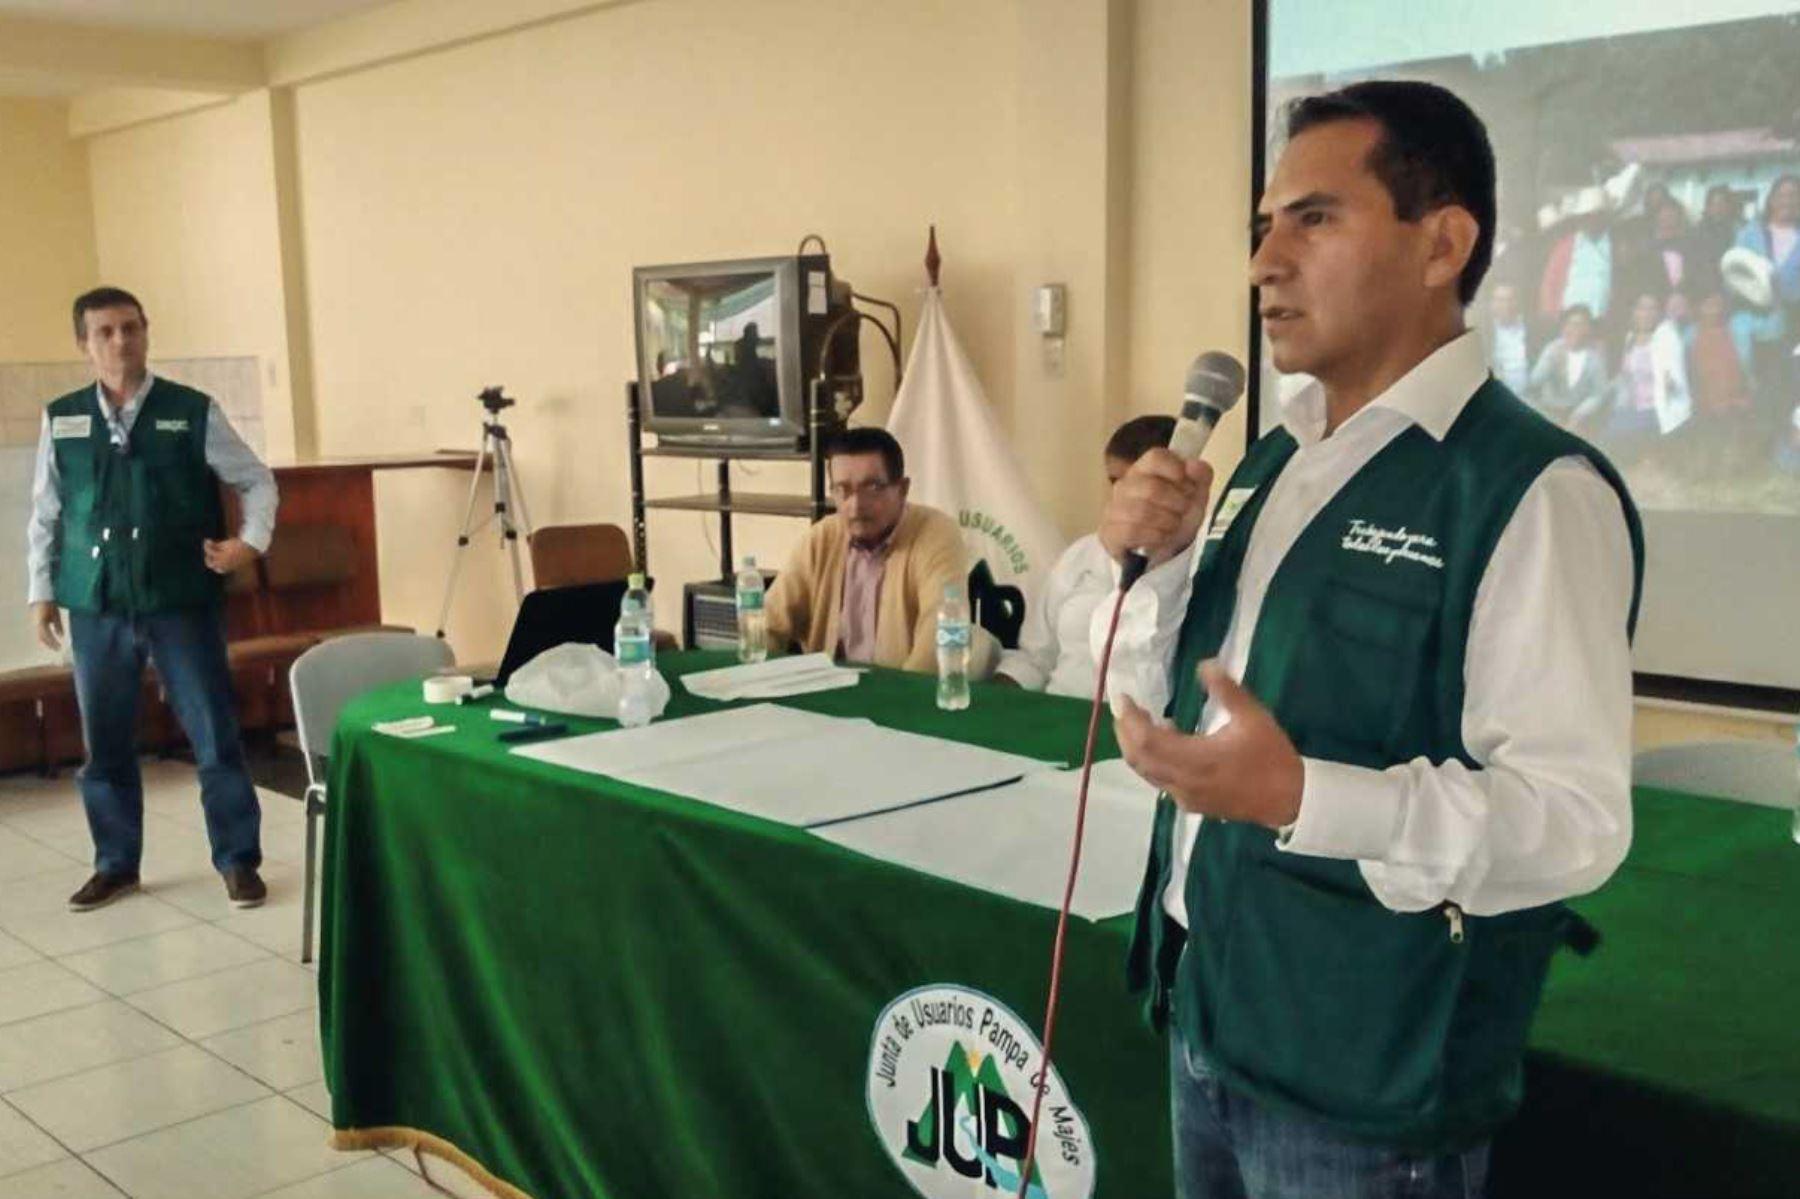 Ochenta productores agropecuarios de las regiones Arequipa, Tacna y Puno, fueron capacitados en el fortalecimiento de organizaciones agrarias por el Gobierno, a través del Ministerio de Agricultura y Riego (Minagri).